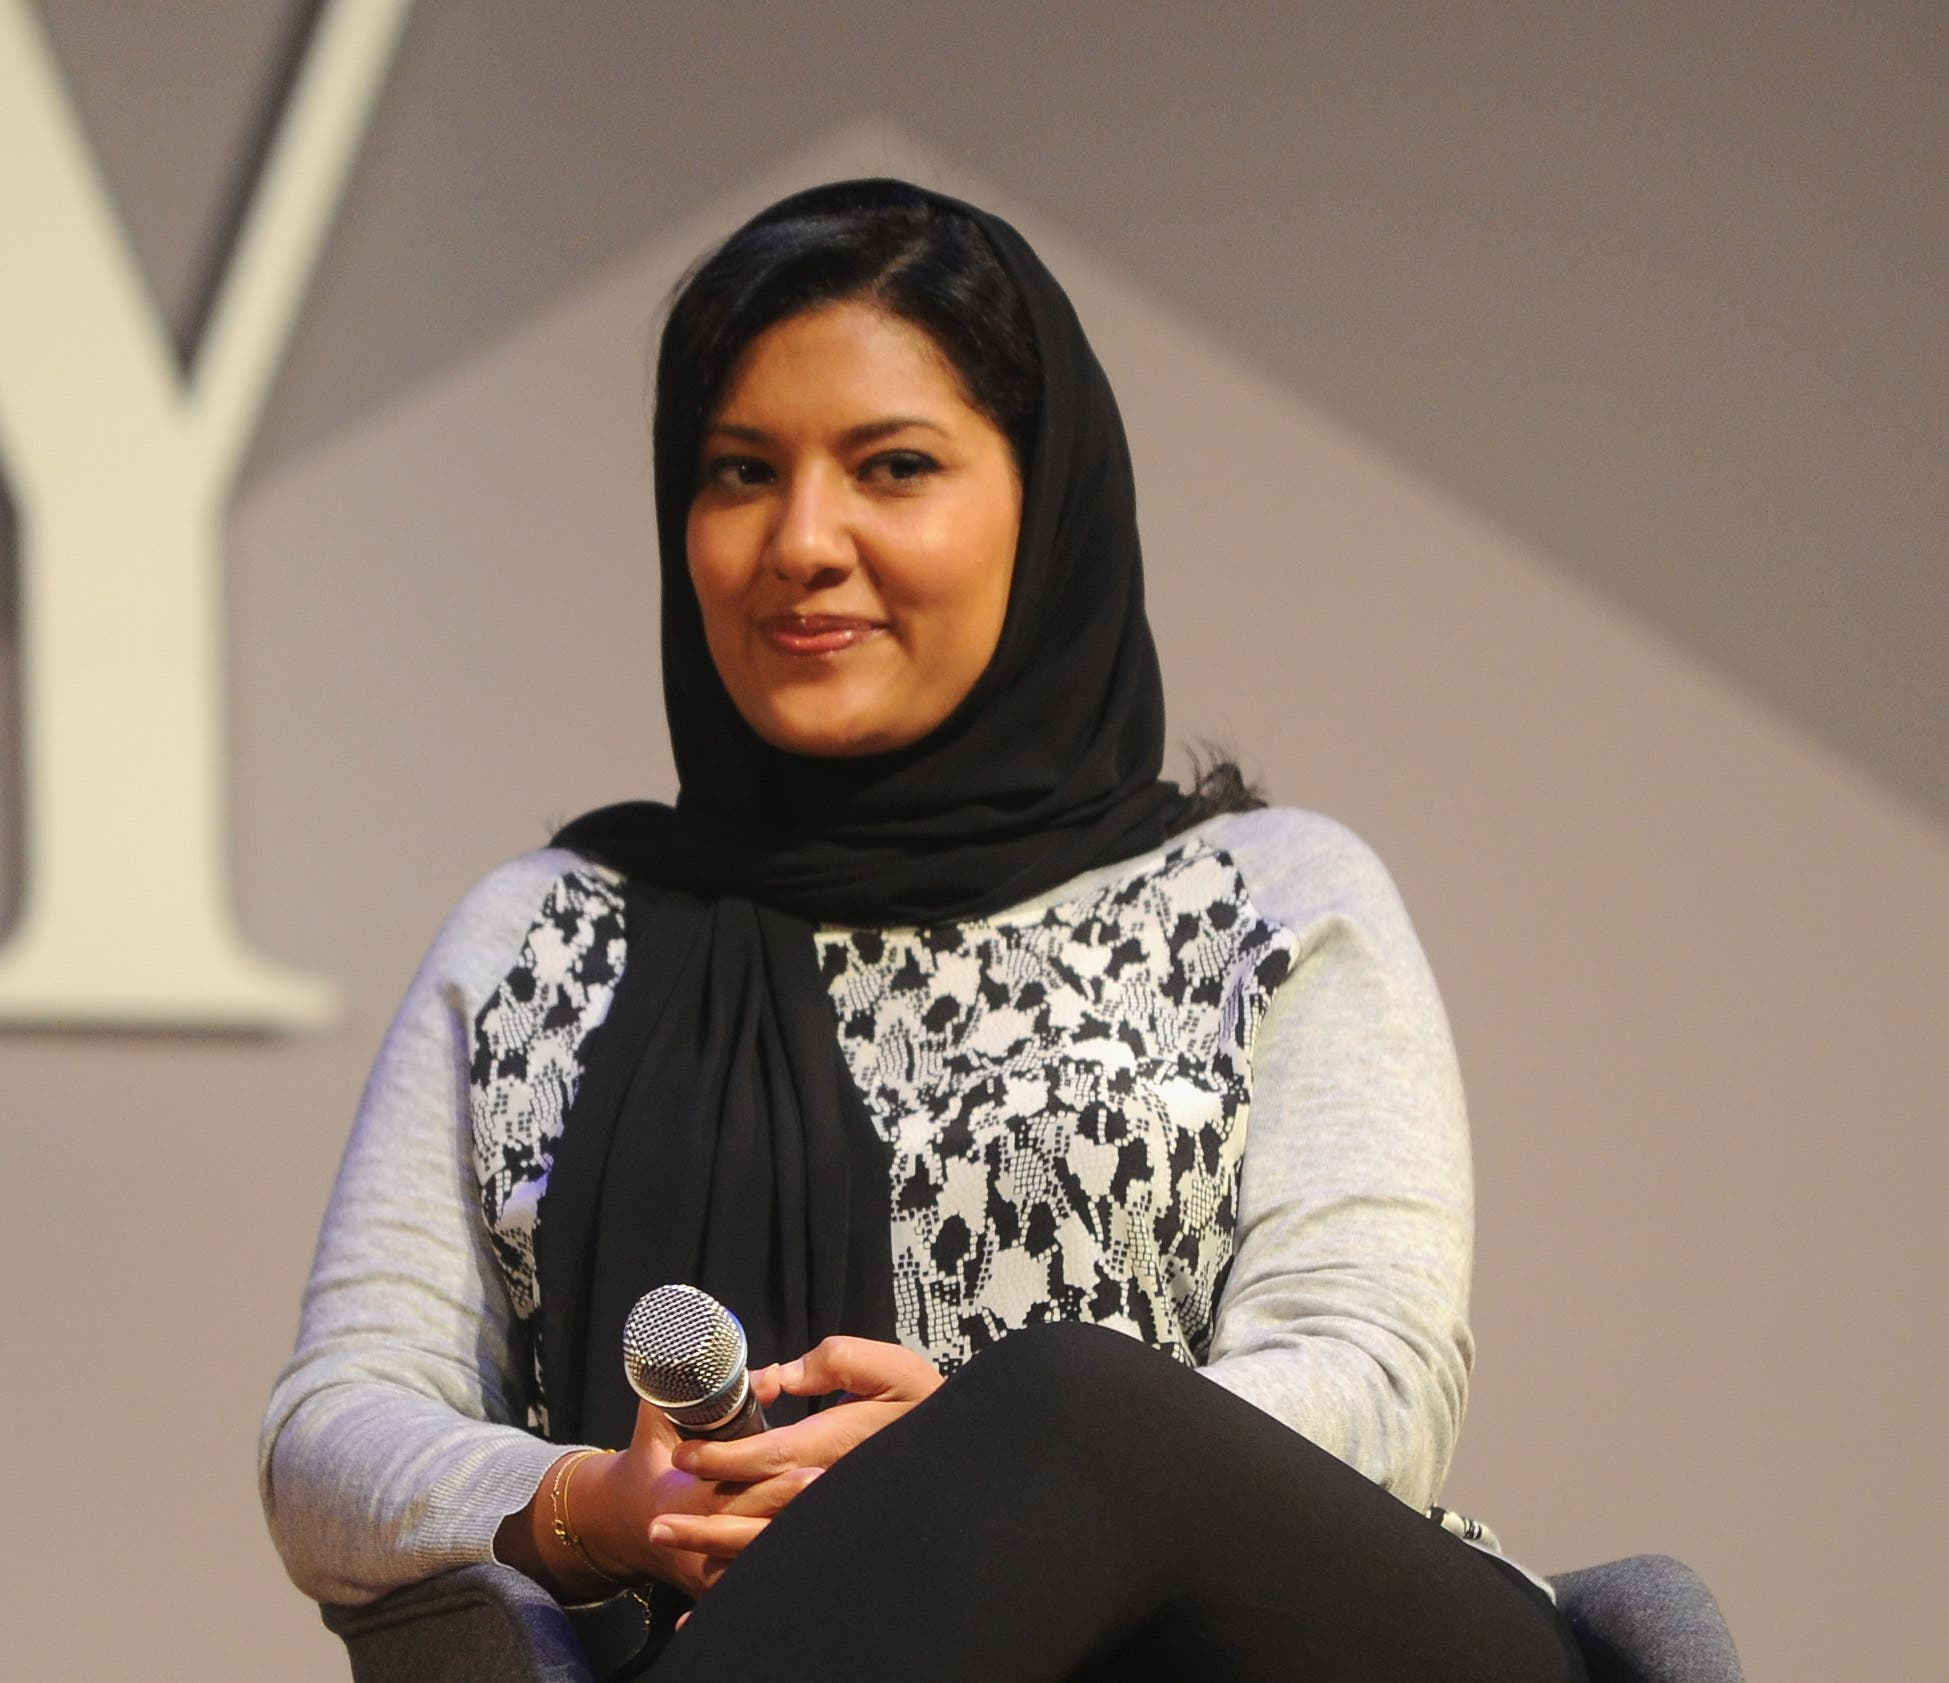 Princess Reema bint Bandar. (AFP)